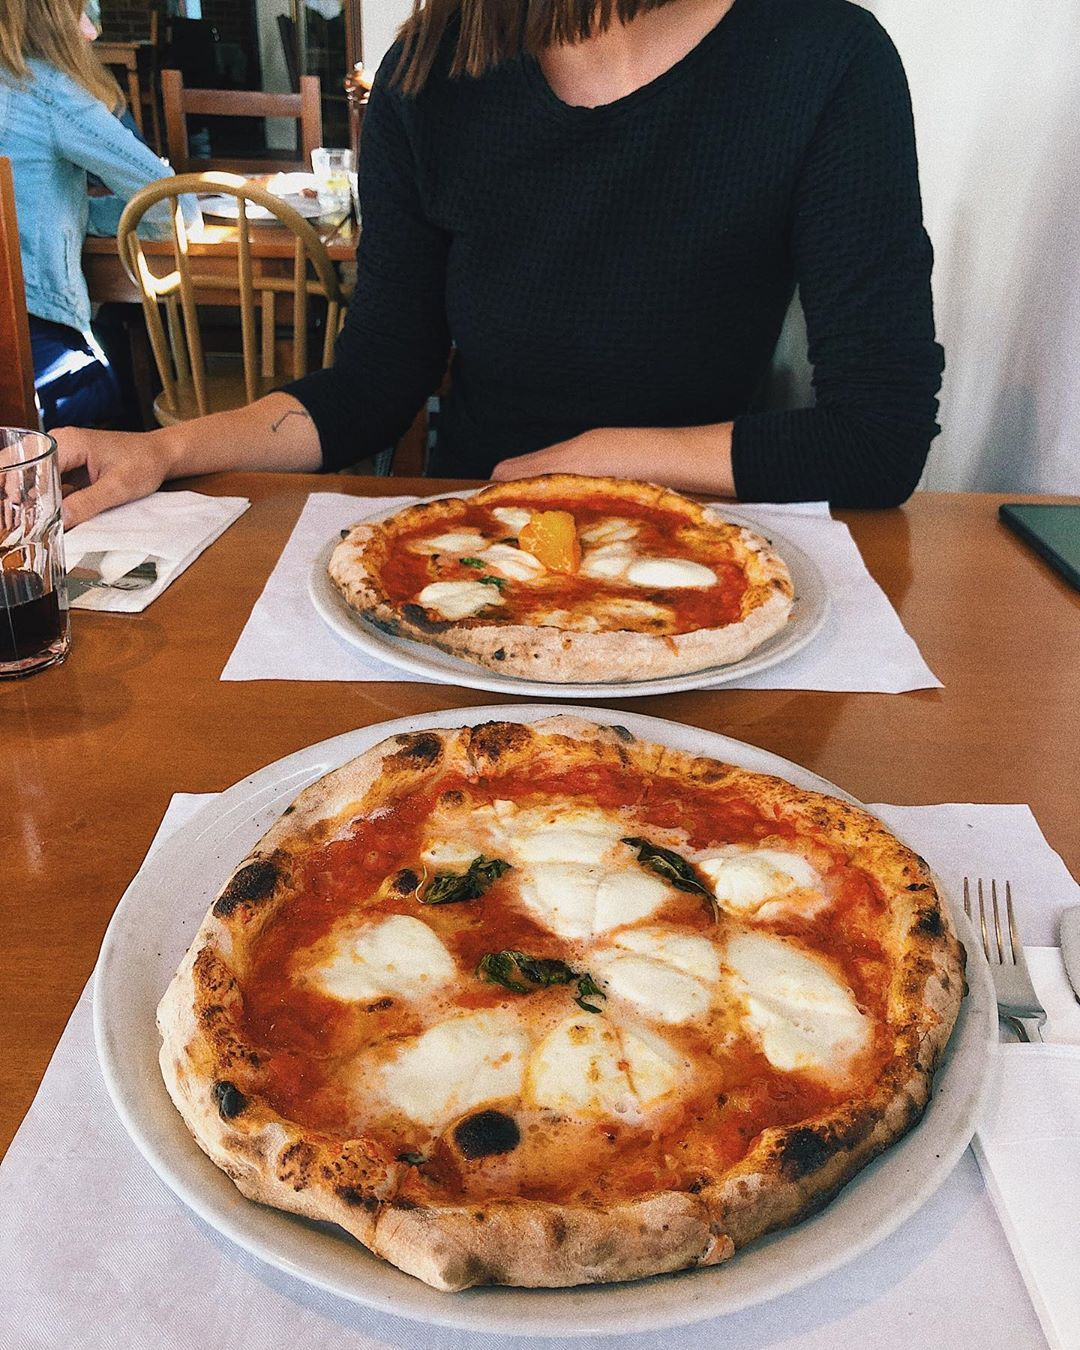 Mileniáli si objednávajú pizzu, lebo vyzerá dobre na Instagrame, tvrdí štúdia